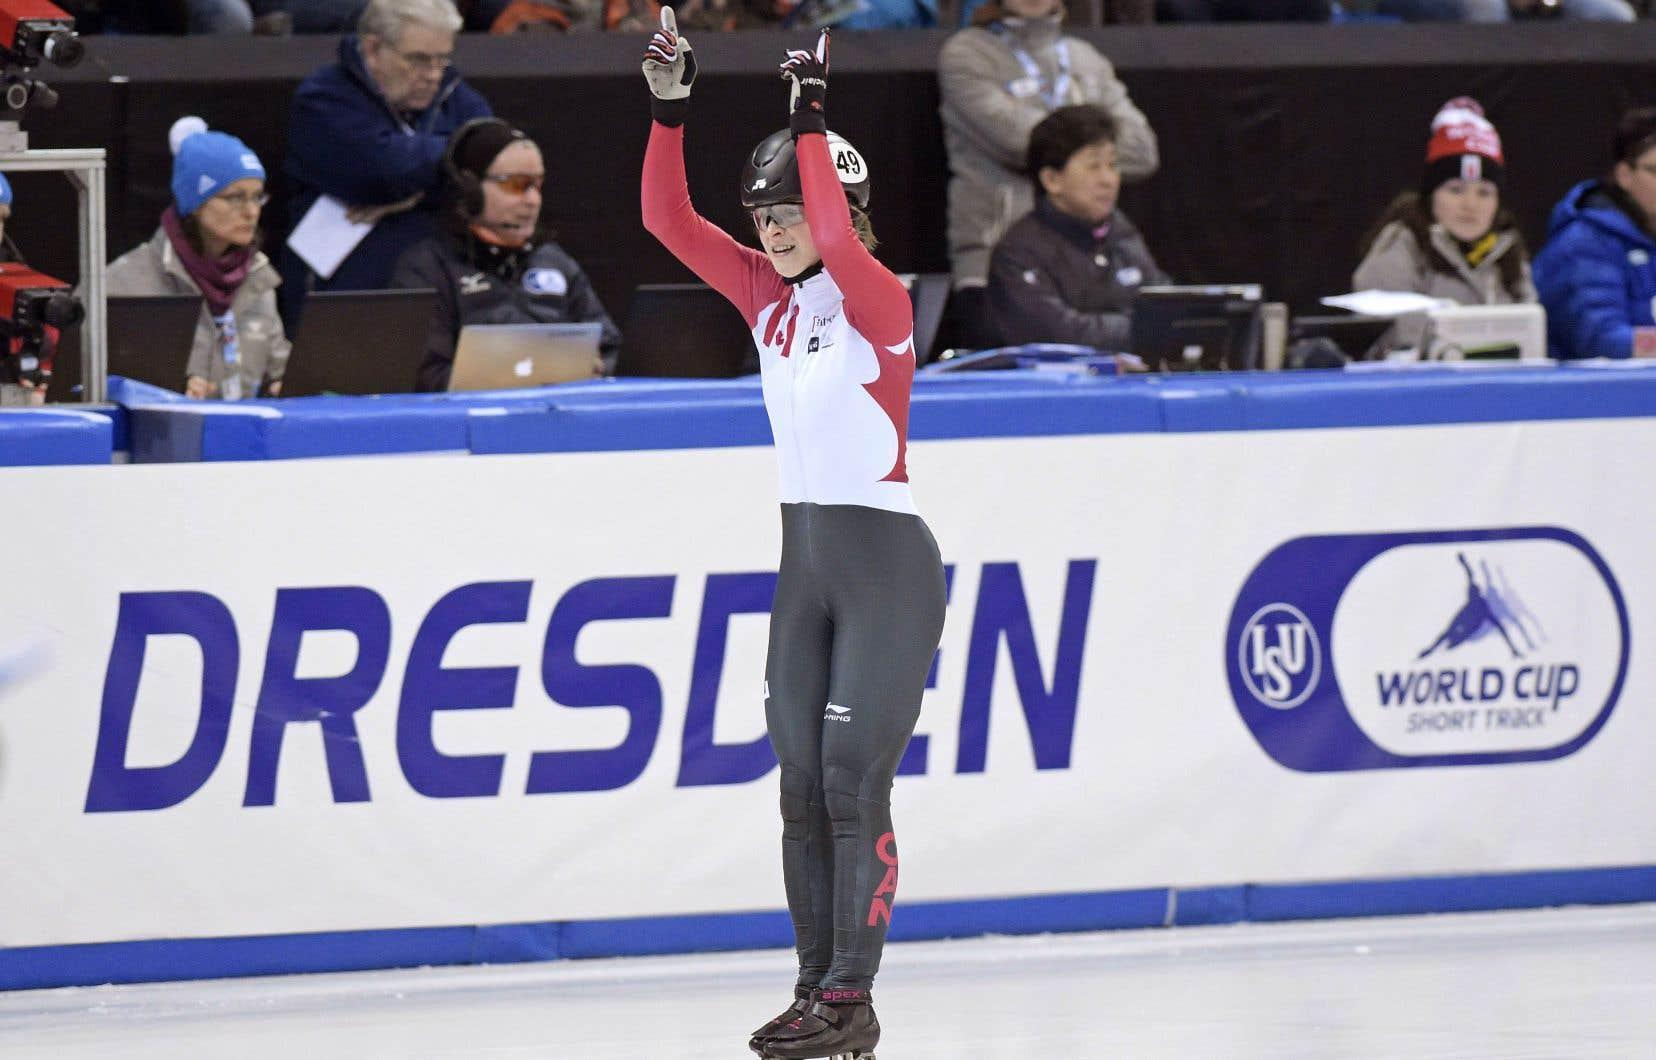 Kim Boutin à la suite de sa victoire au 1500m courte piste des championnats du monde à Dresden en Allemagne, en février dernier